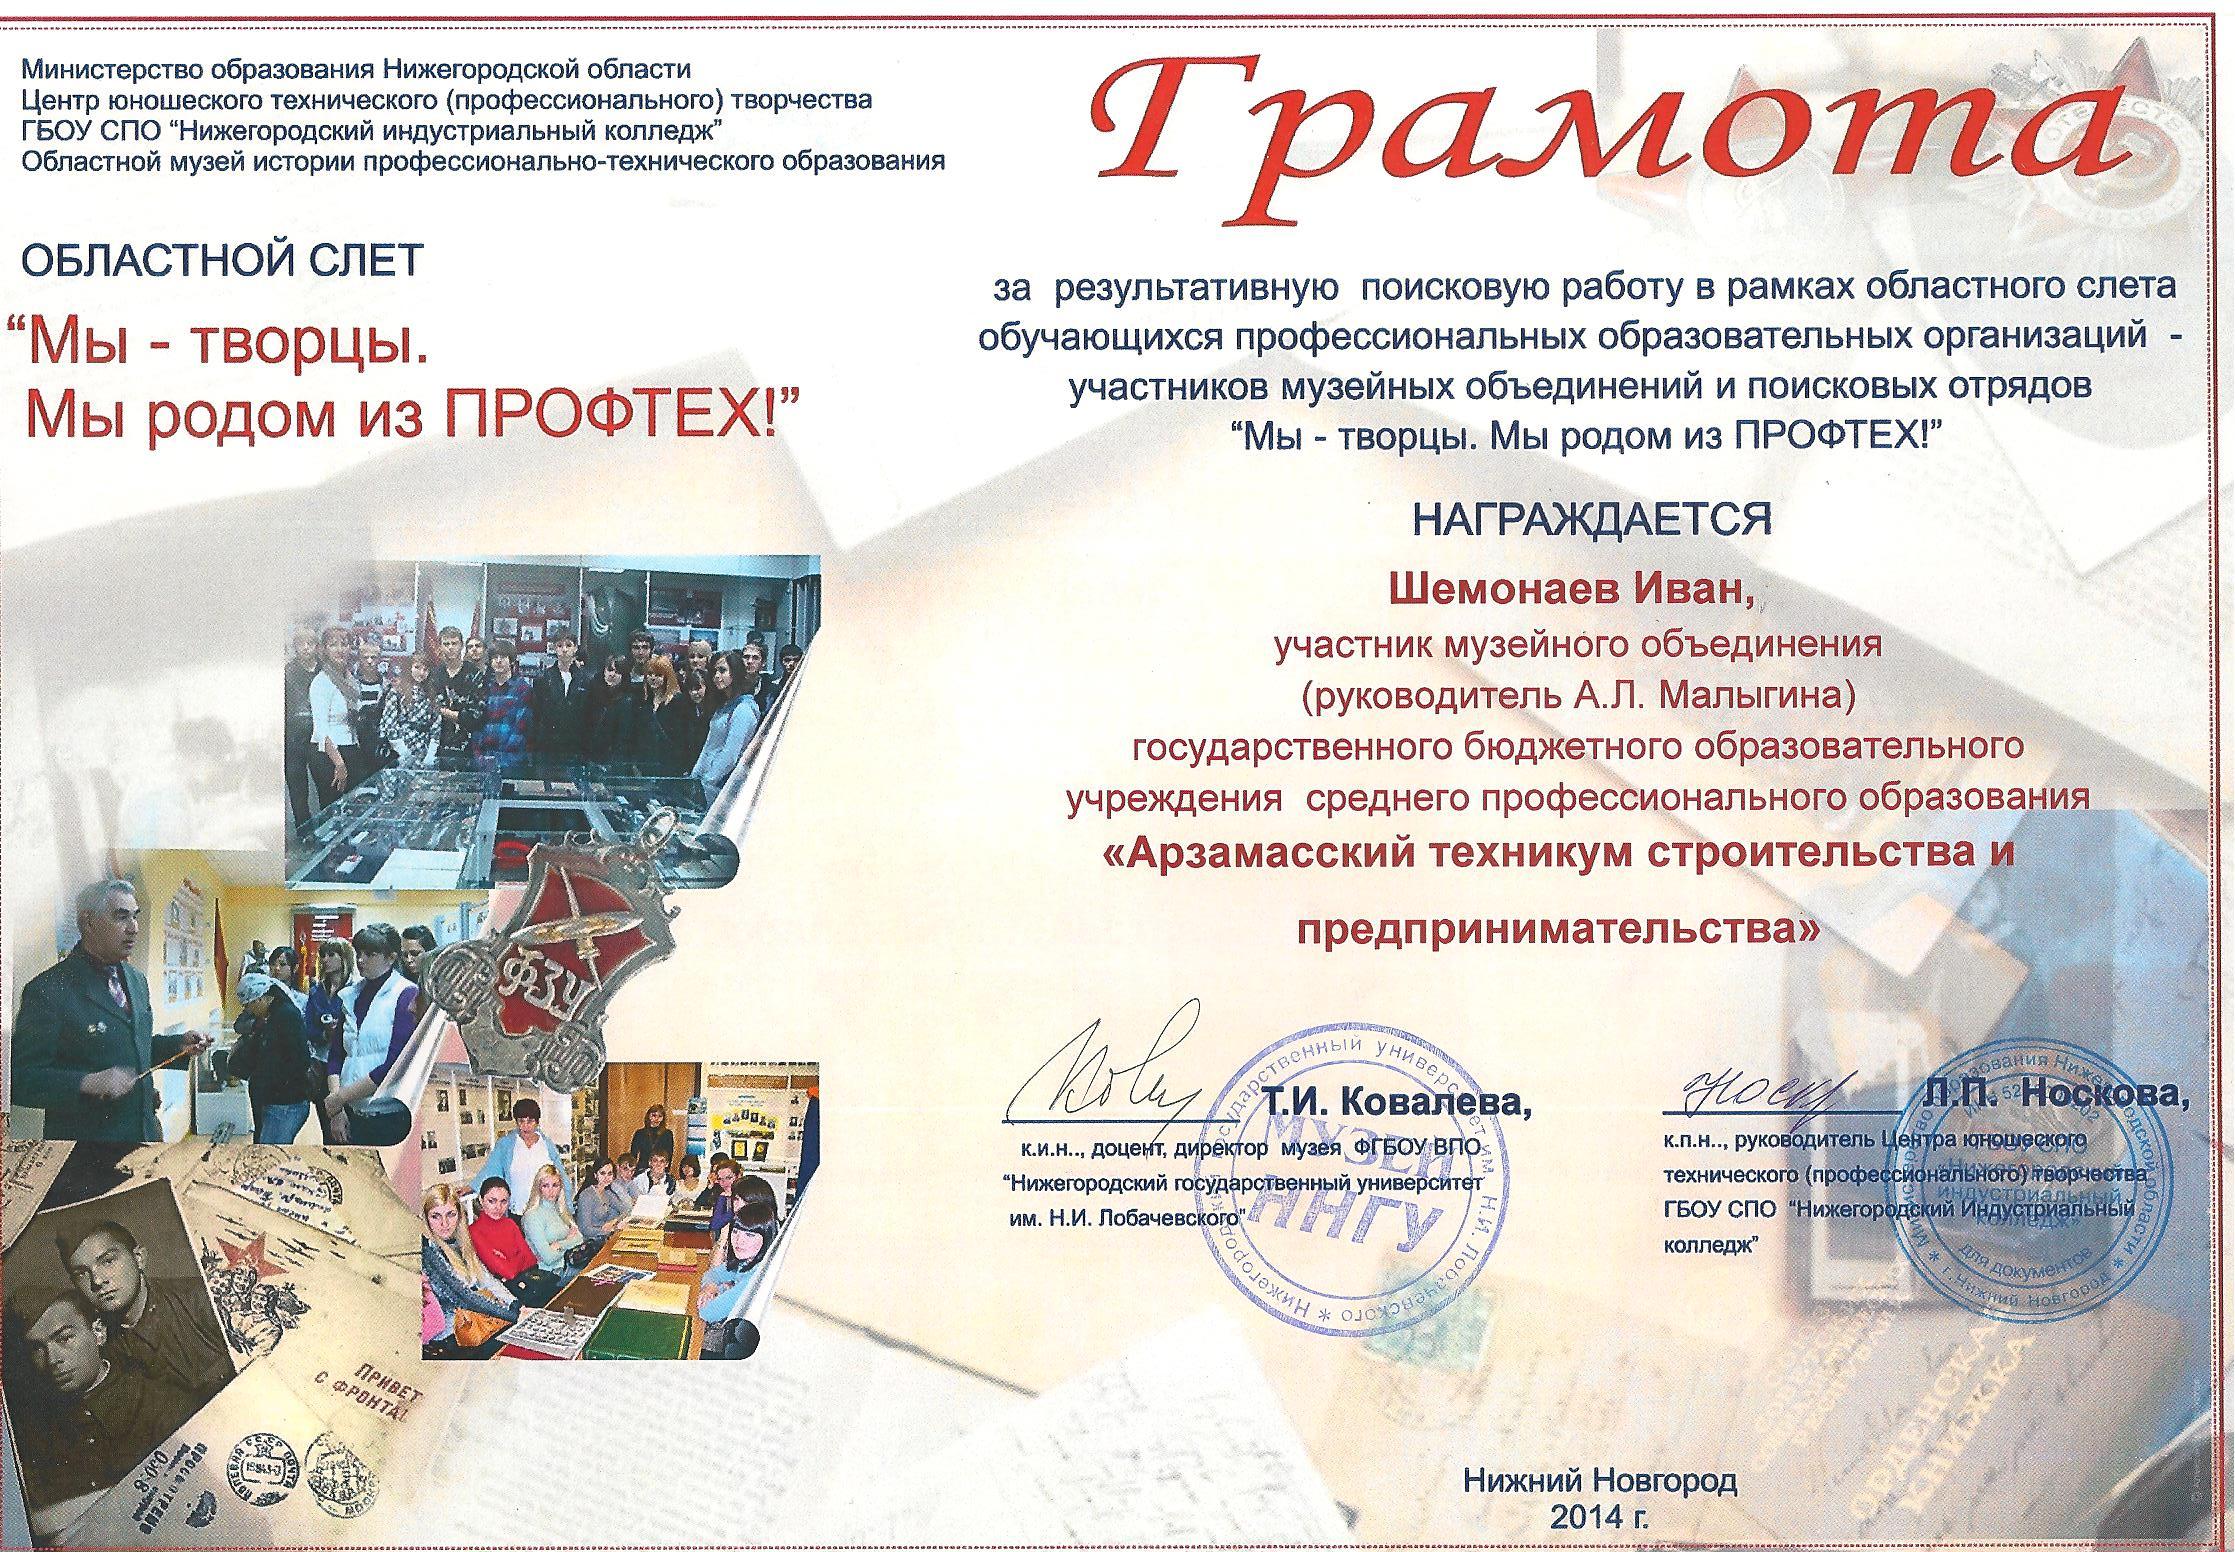 Шемонаев Иван